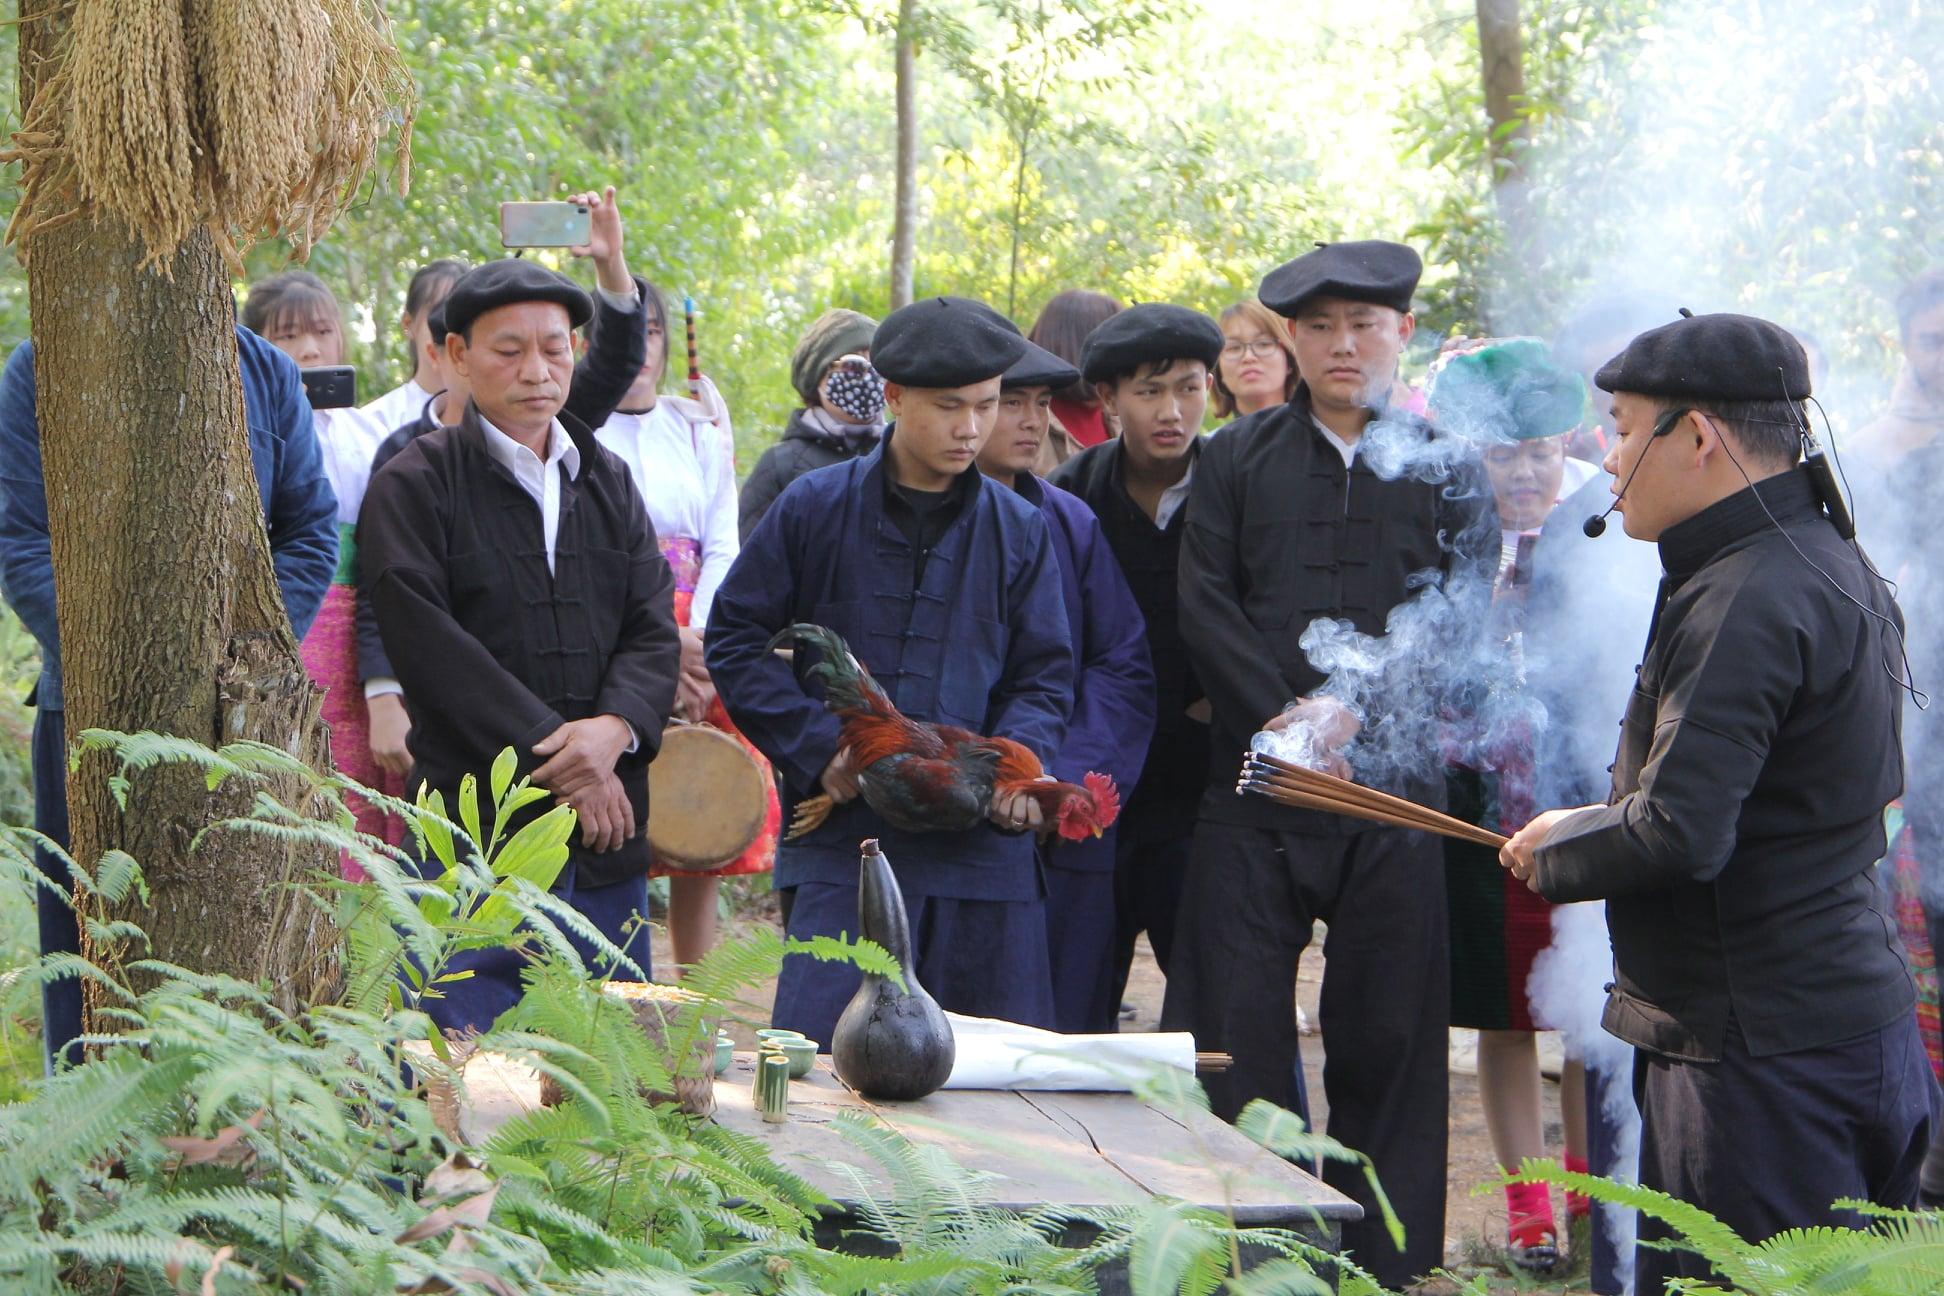 Việc phục dựng lễ hội có ý nghĩa quan trọng trong đời sống của đồng bào các DTTS (Trong ảnh: Nghi lễ cúng thần Rừng đầu nguồn của dân tộc Mông đến từ huyện Vị Xuyên tỉnh Hà Giang được tái hiện)